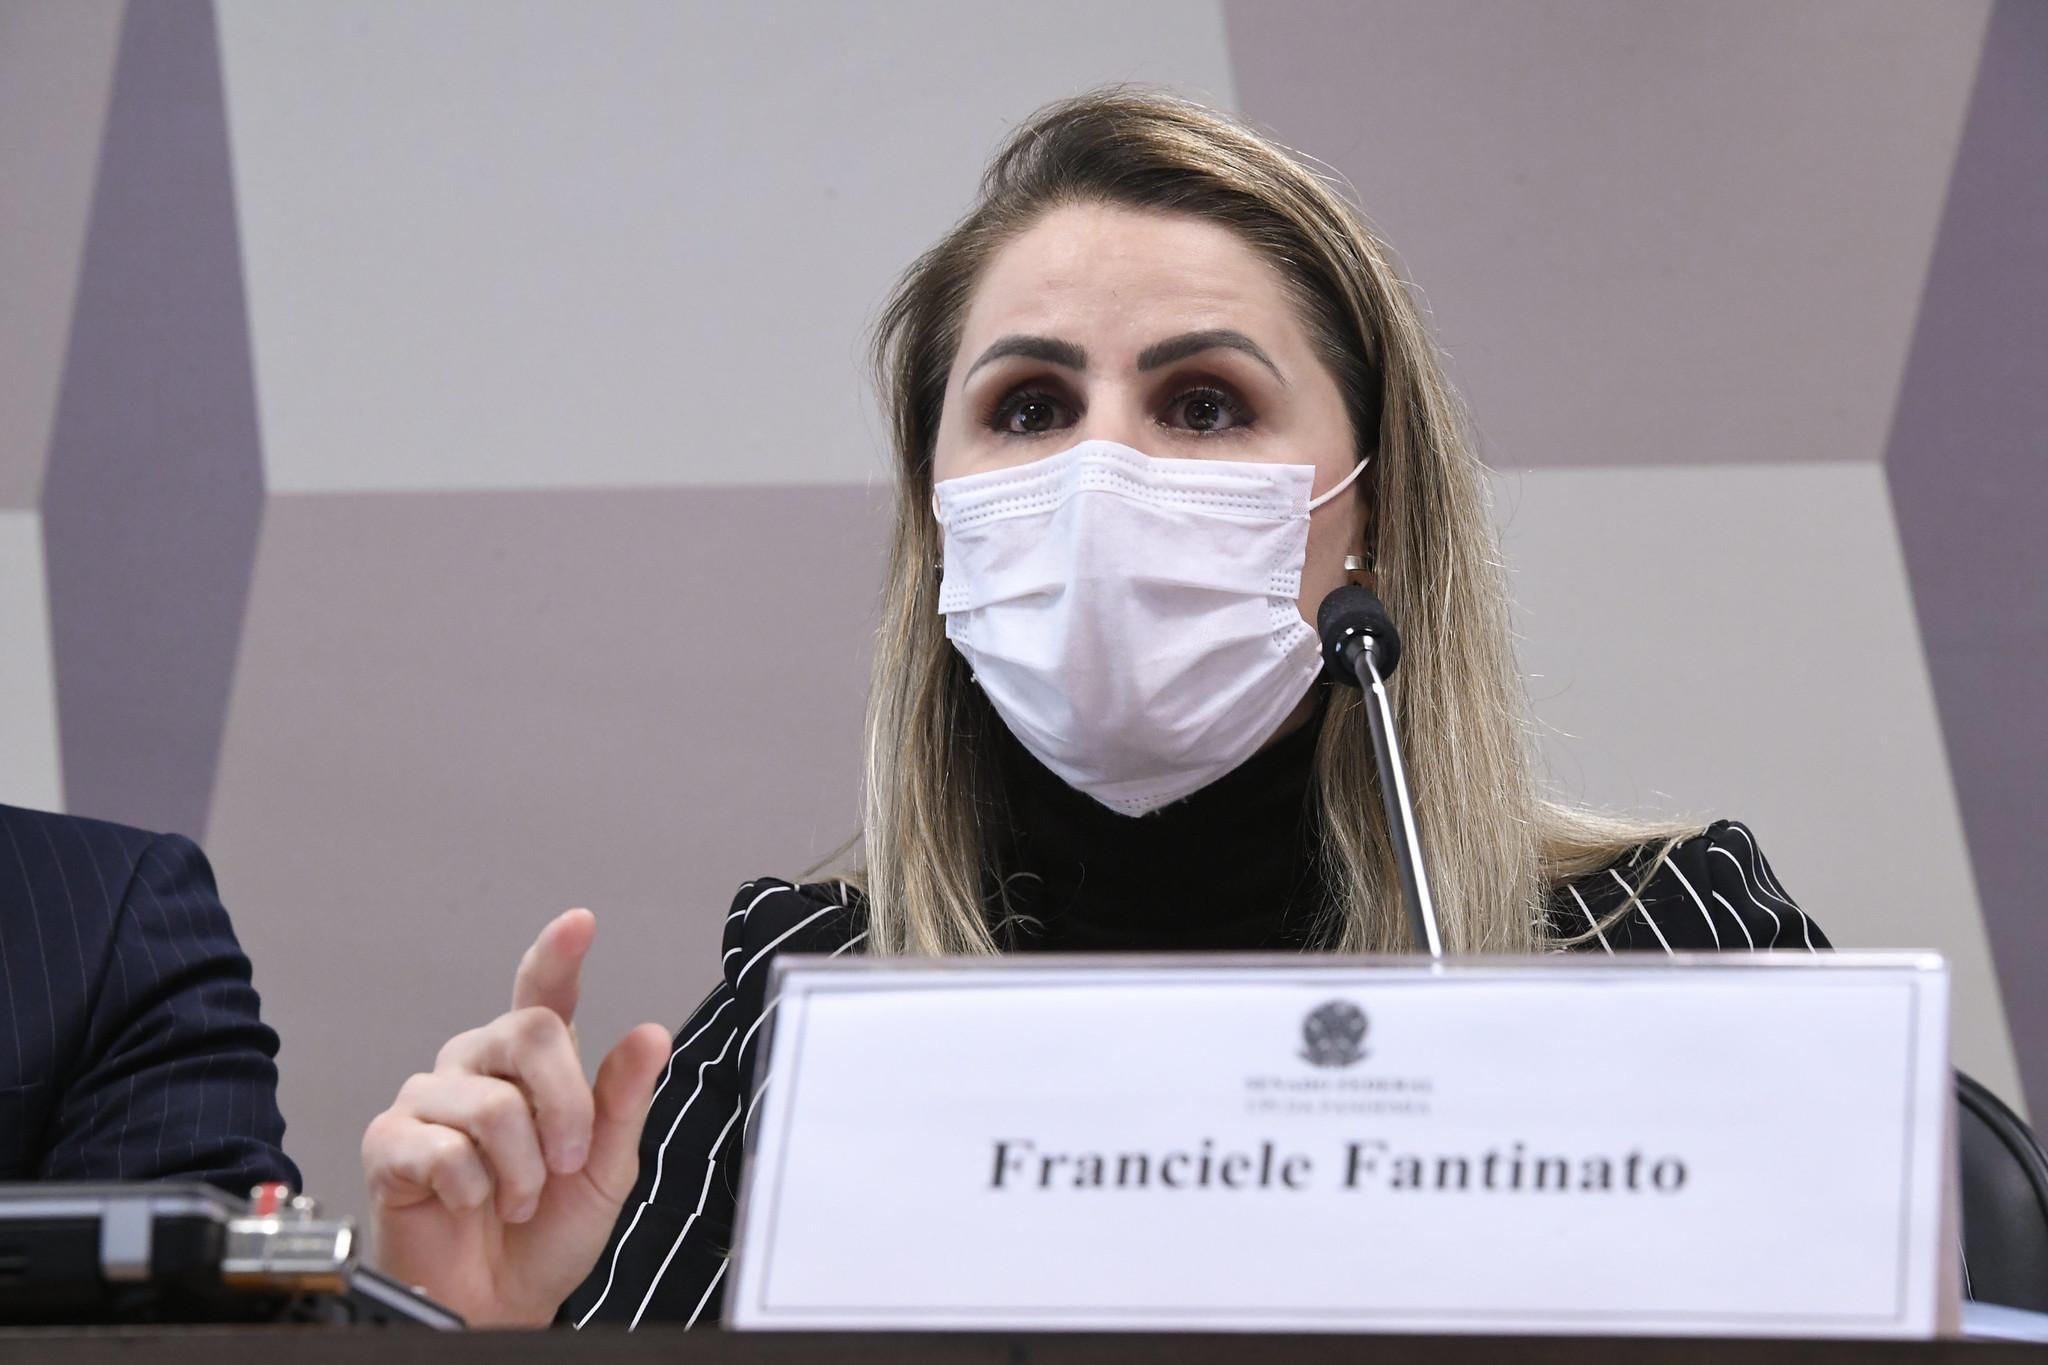 IMAGEM: Saiba tudo o que disse Francieli Fantinato à CPI